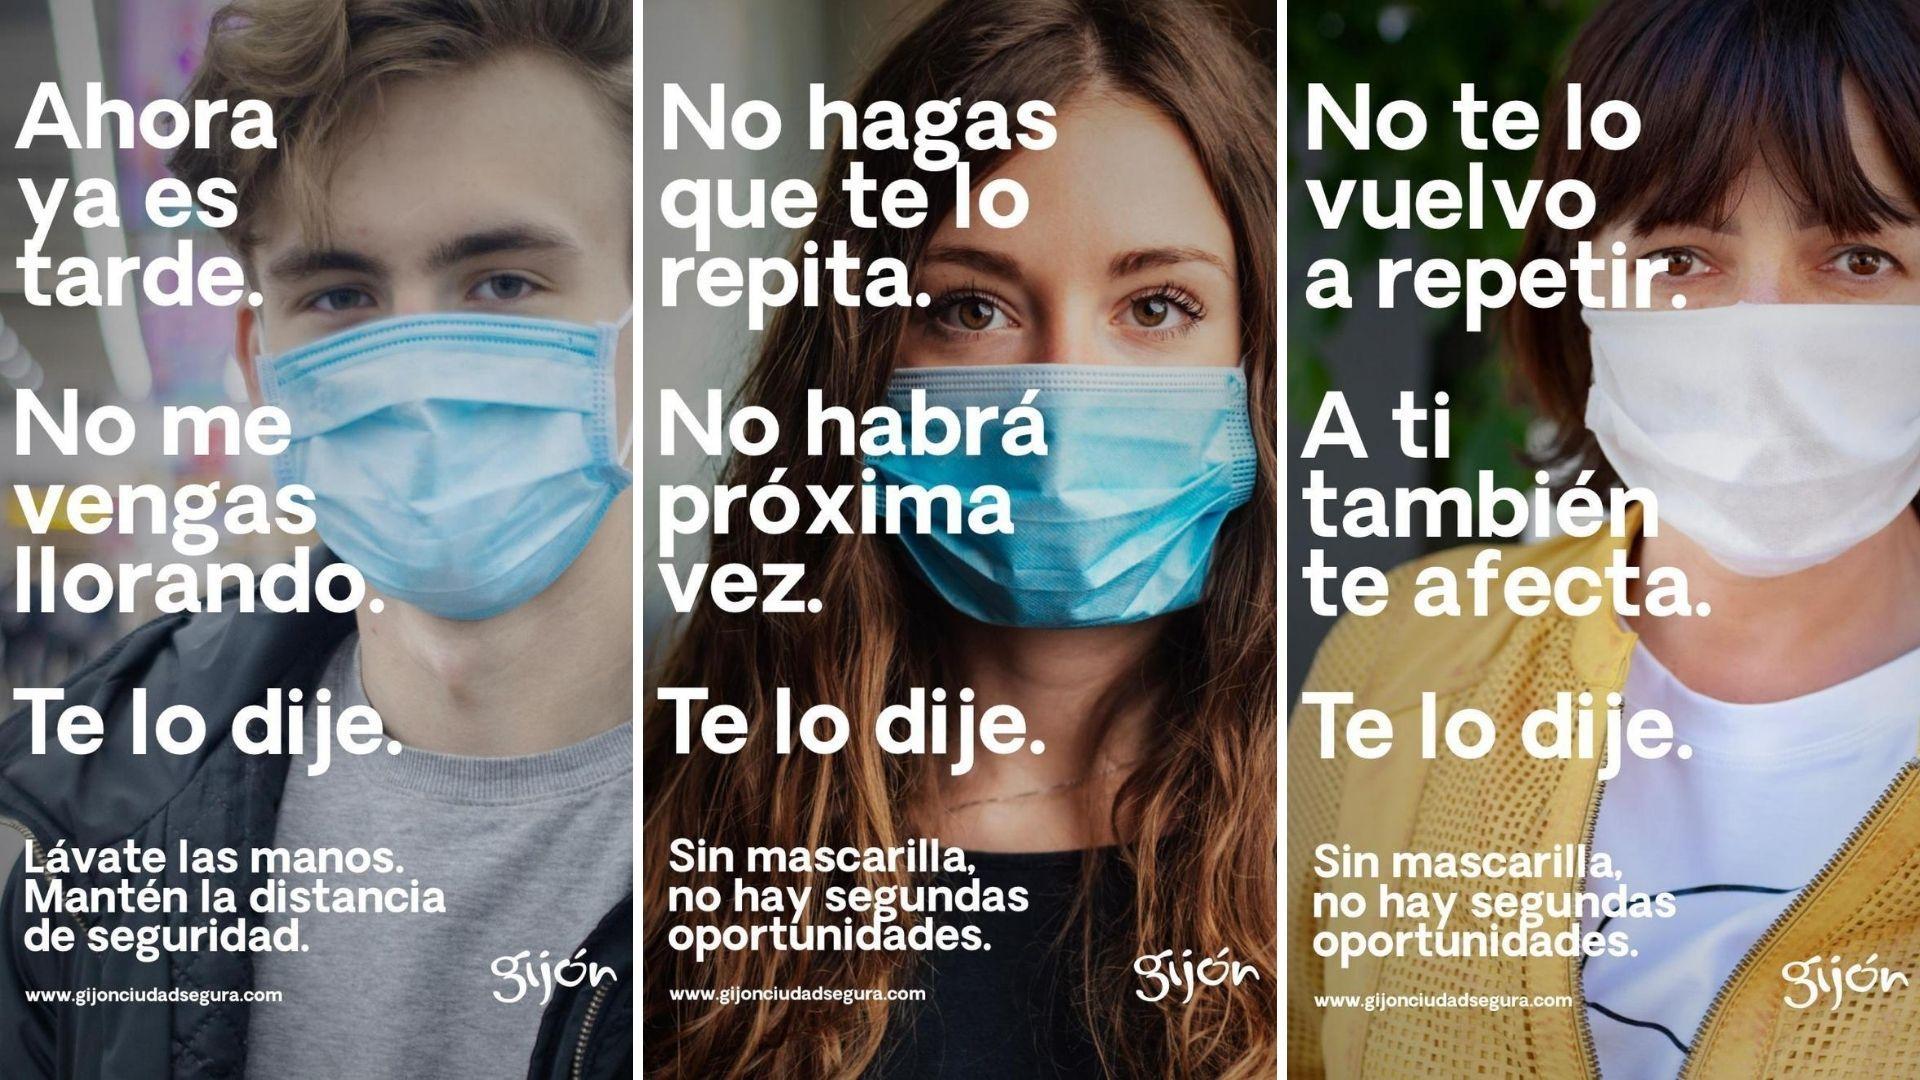 Carteles de la campaña sobre las medidas de prevención que pone en marcha el Ayuntamiento de Gijón